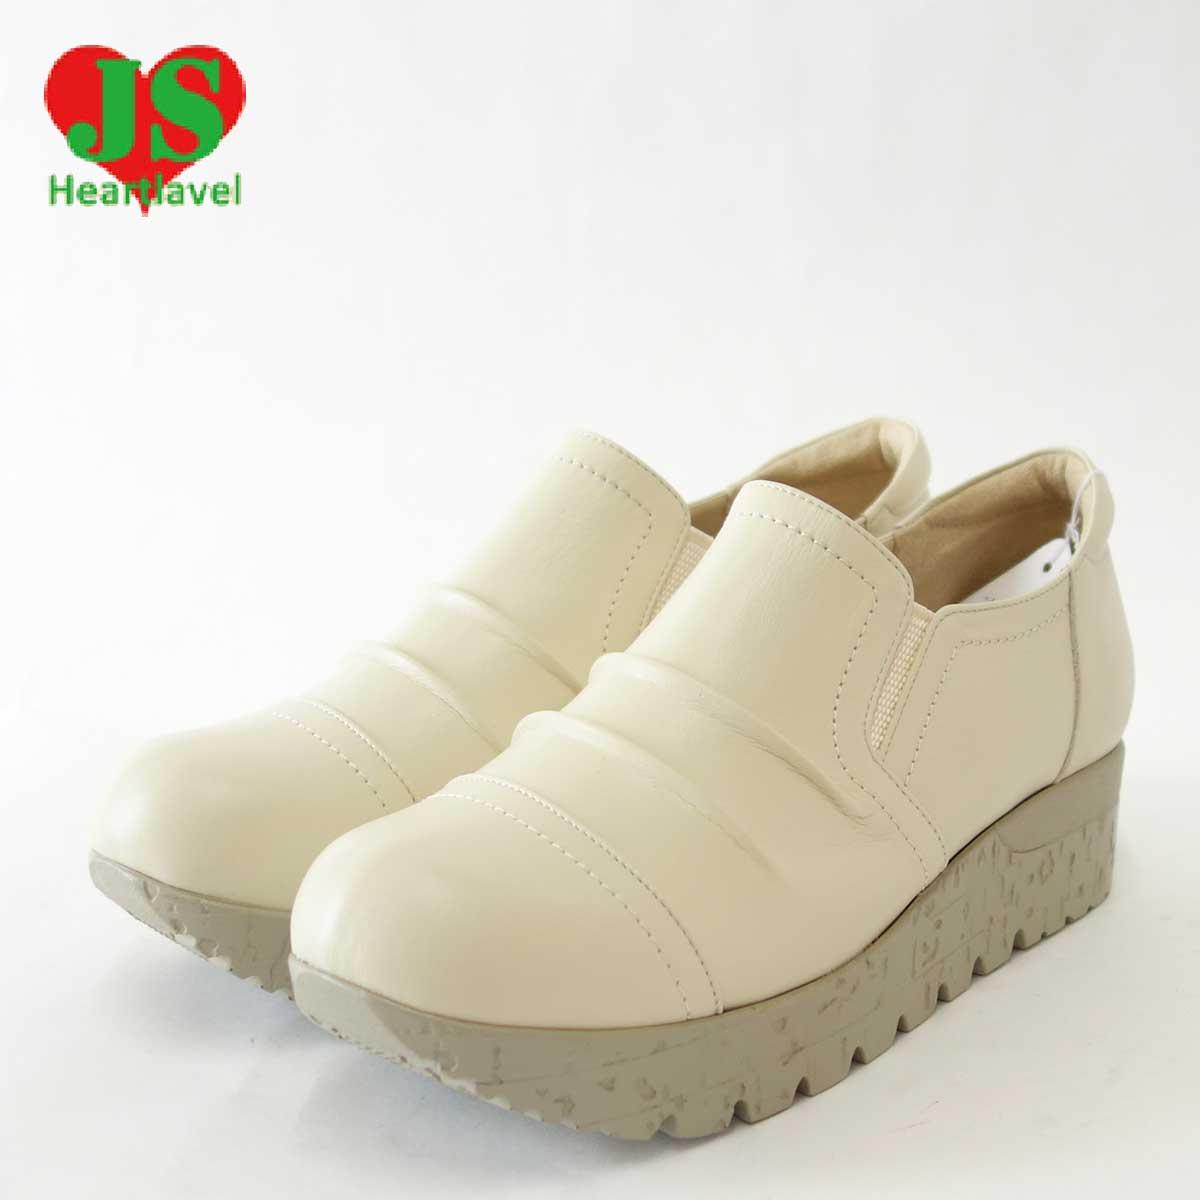 JS Heartlavel ジェイエス ハートラベル3020 ベージュ(レディース)日本製厚底・ゆったりEEEの楽ちんシューズ天然皮革のカジュアルシューズ 「靴」